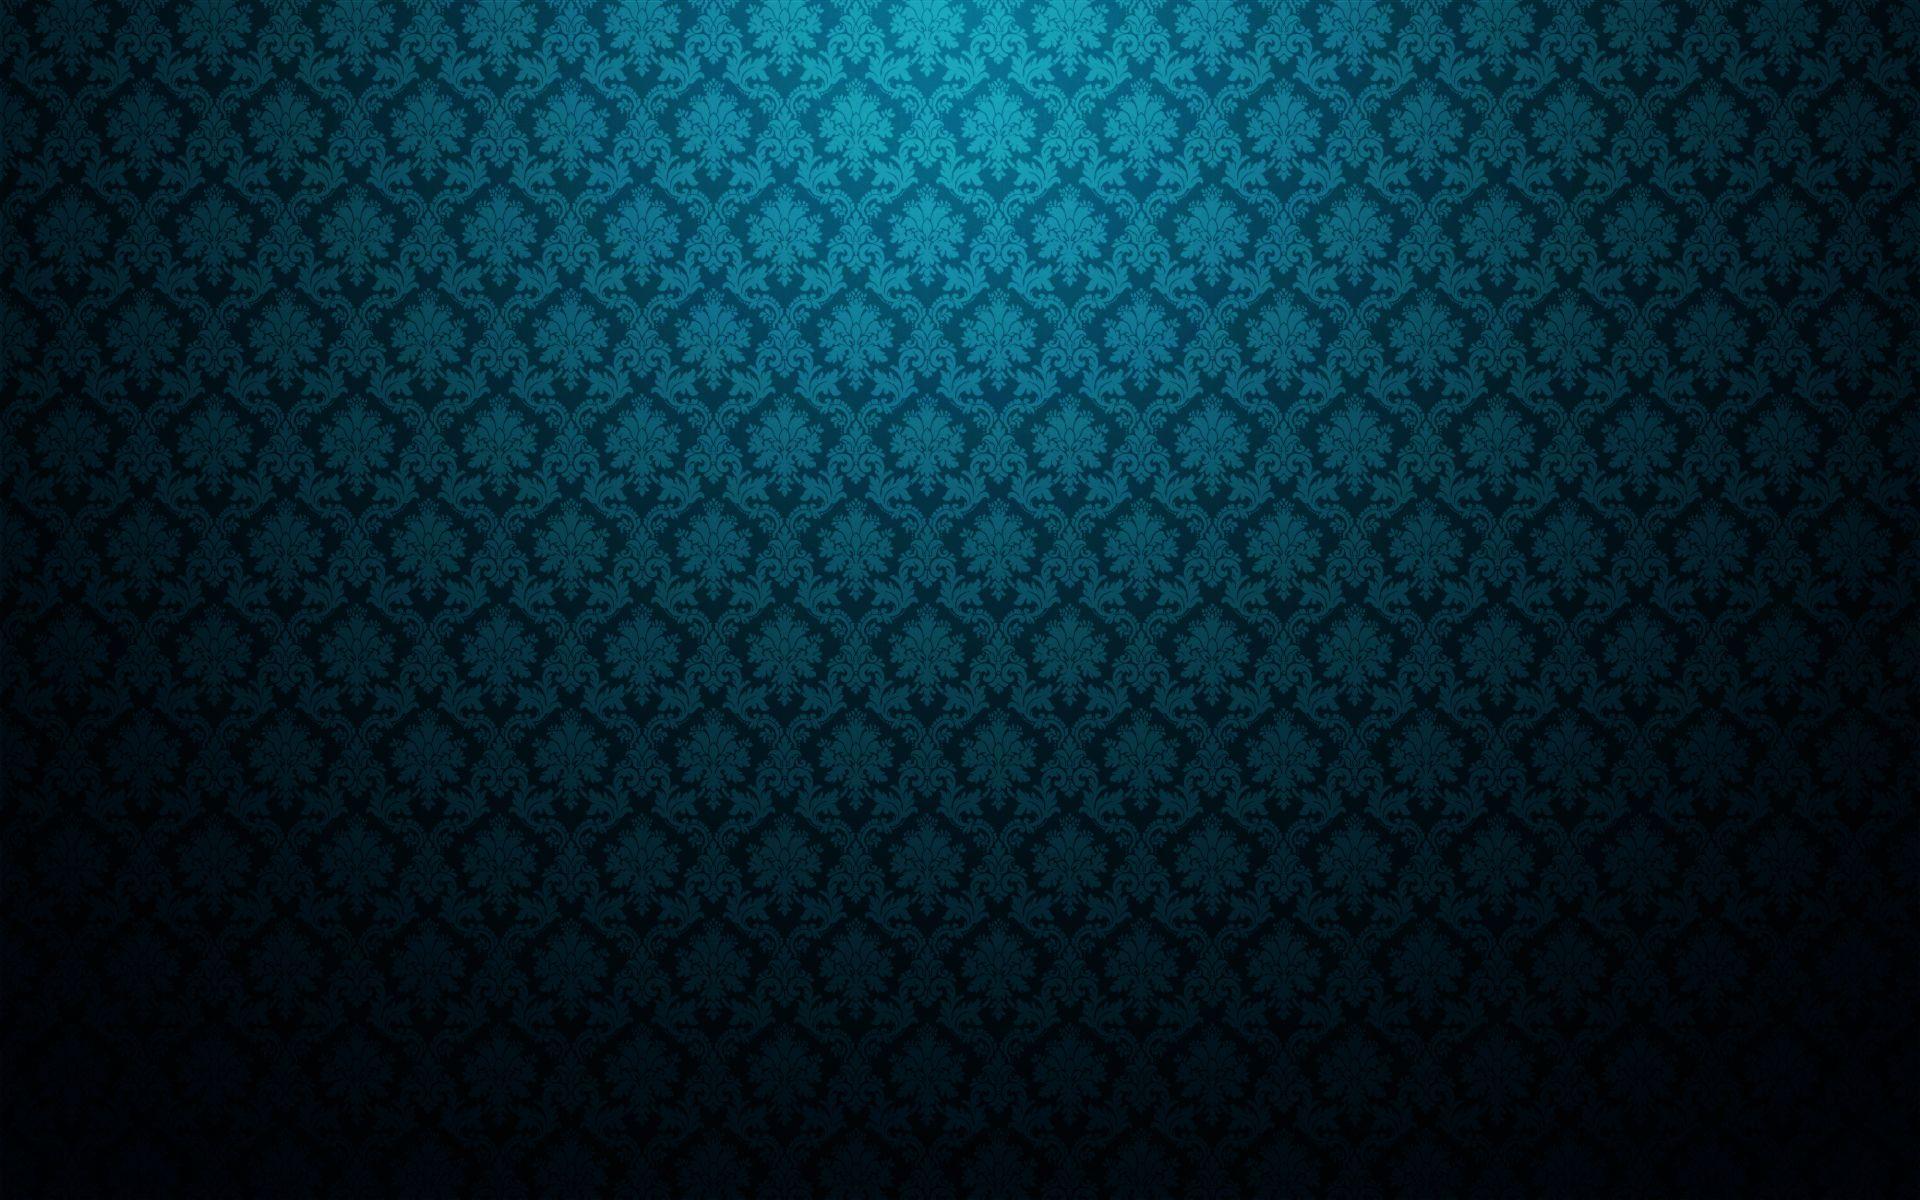 Black Wallpaper Iphone: Elegant Screensavers - Google Search